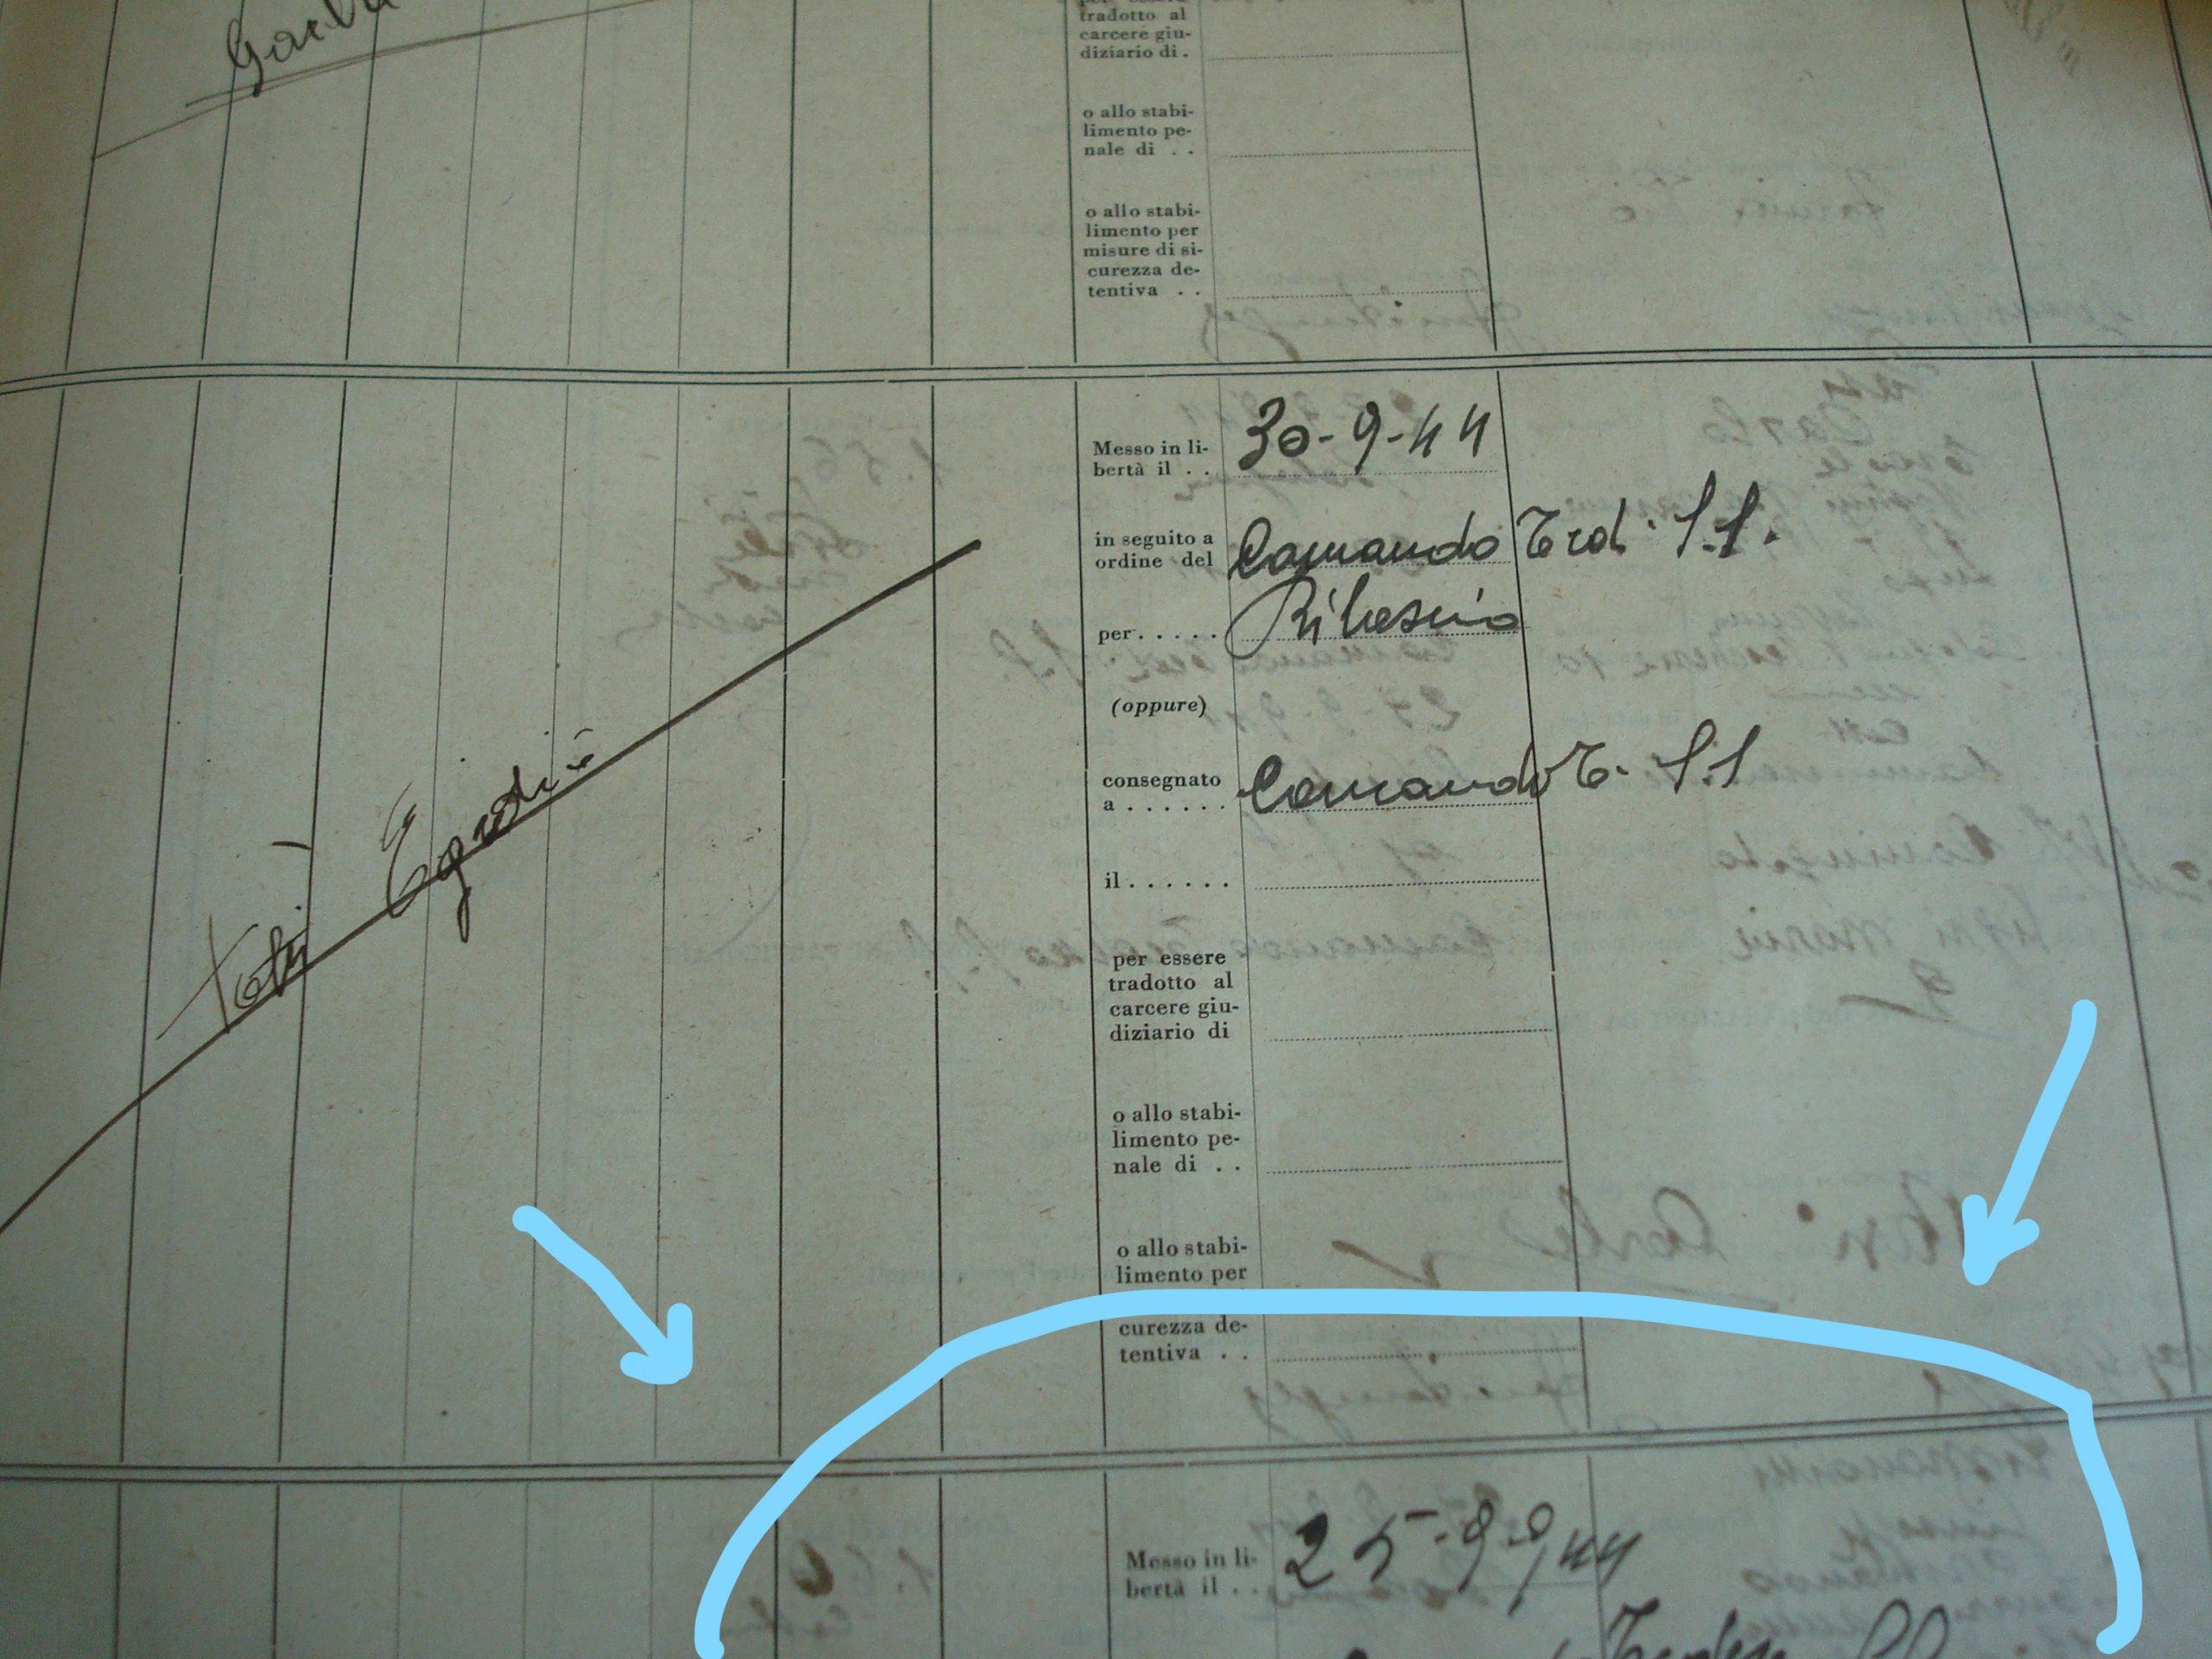 Vedi spazio inferiore, indicato dalle frecce : matricola d'uscita dal carcere di Degnisov, sotto alla firma di Totti, che riporta la data 25-9-1944.